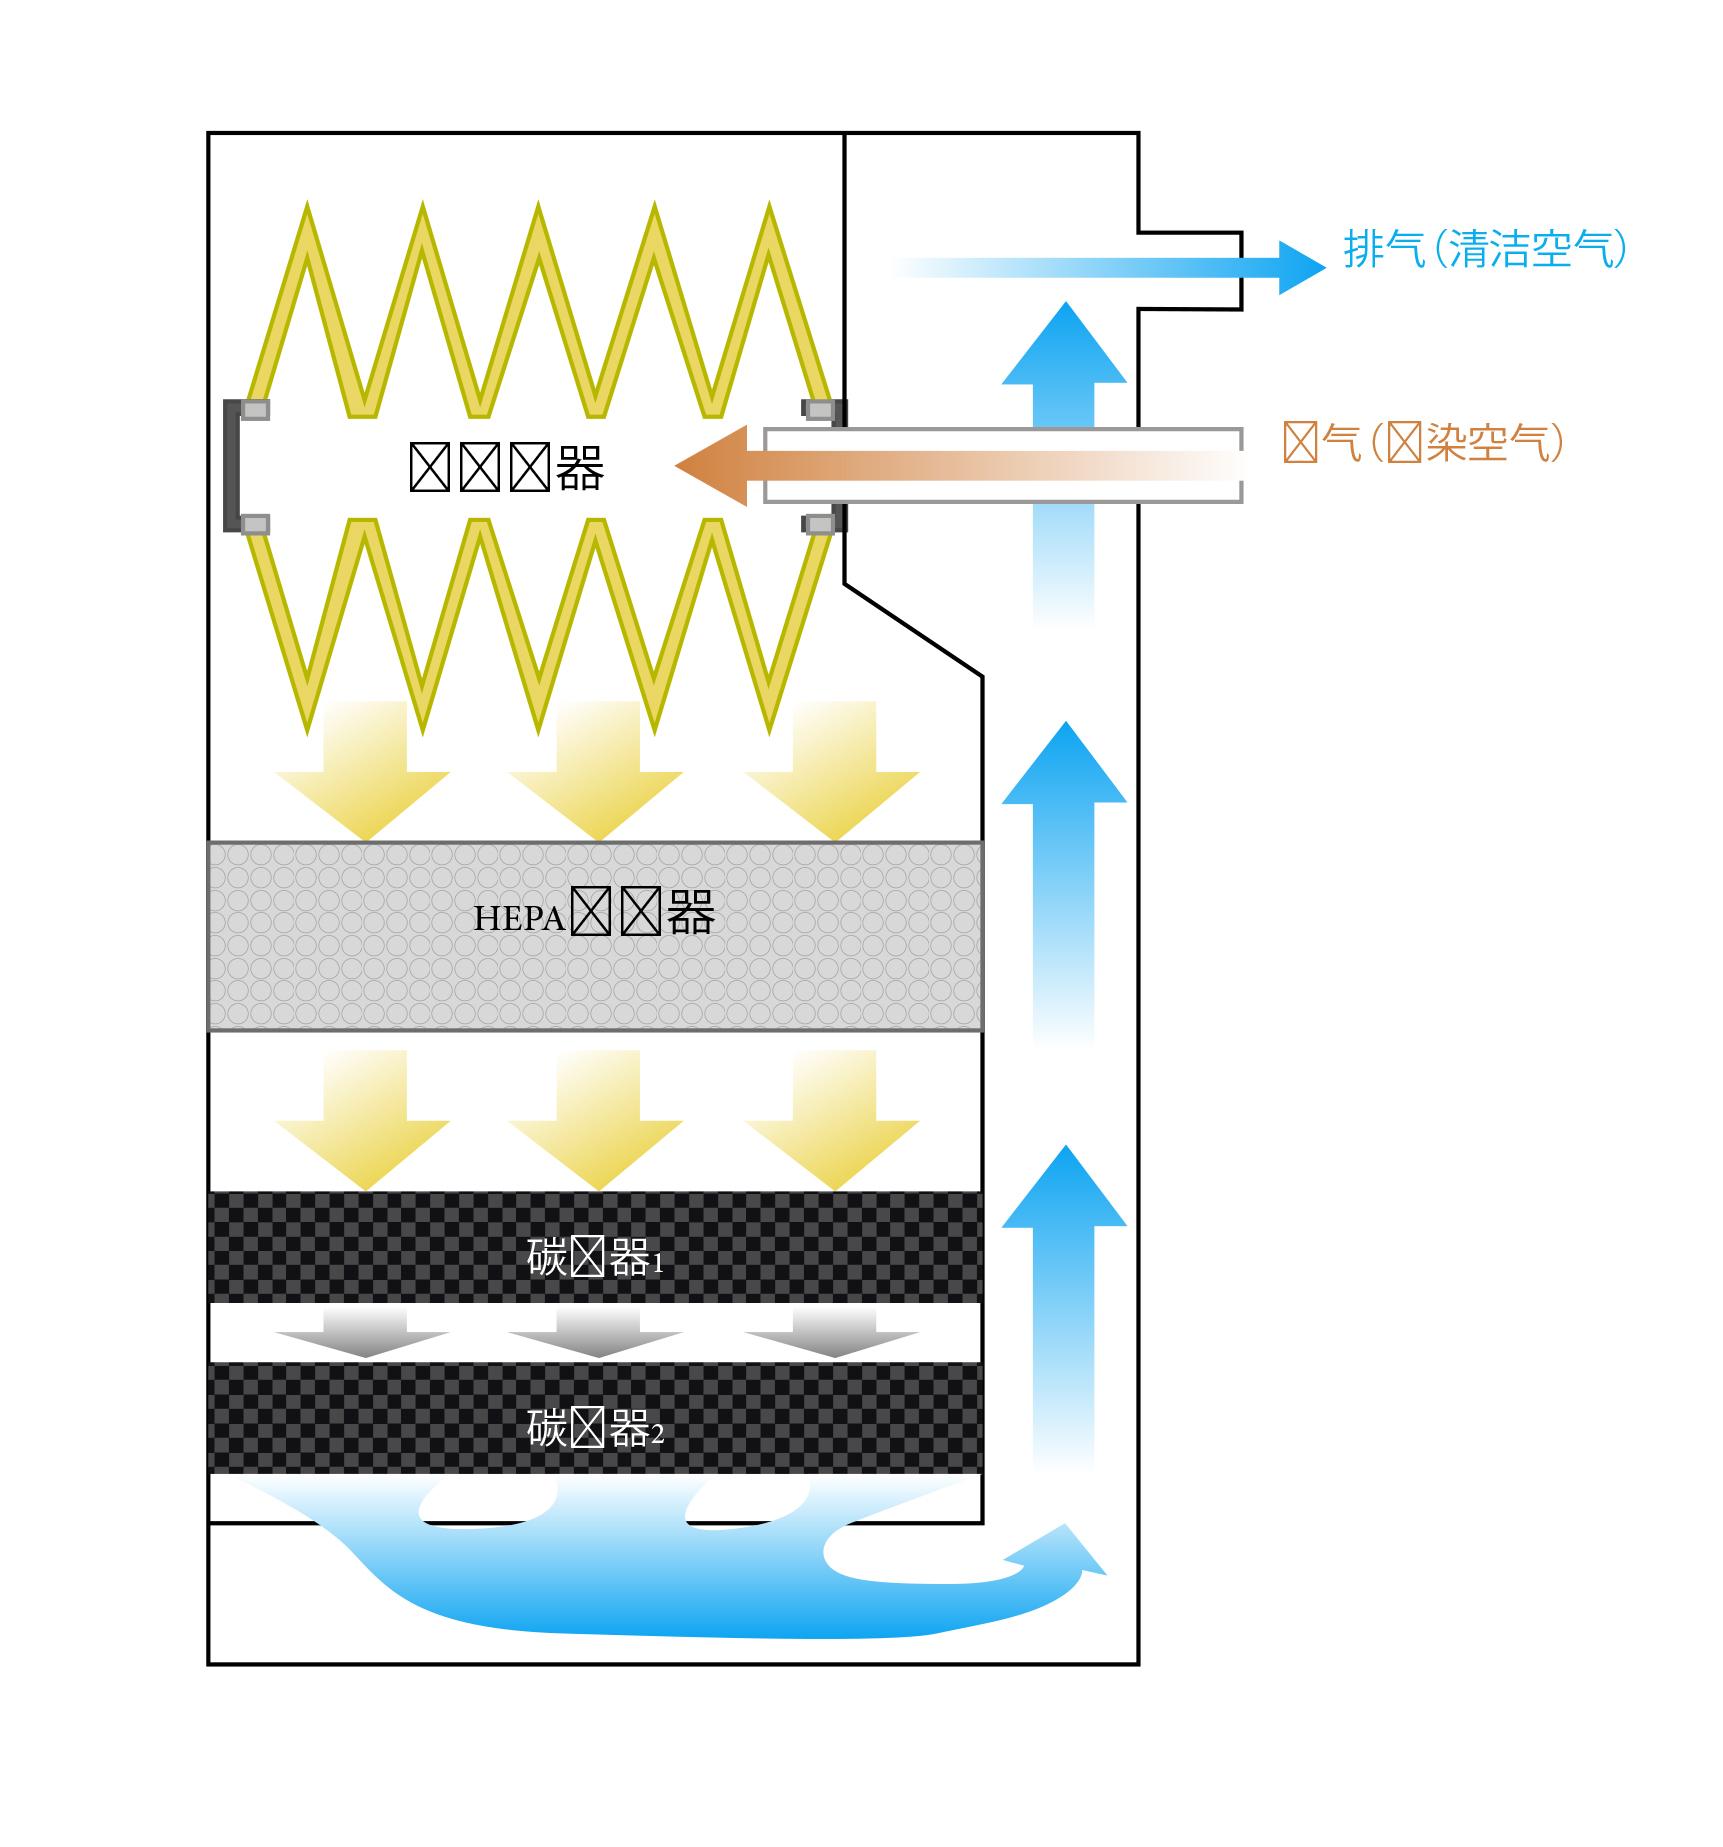 UAC过滤器路径示意图